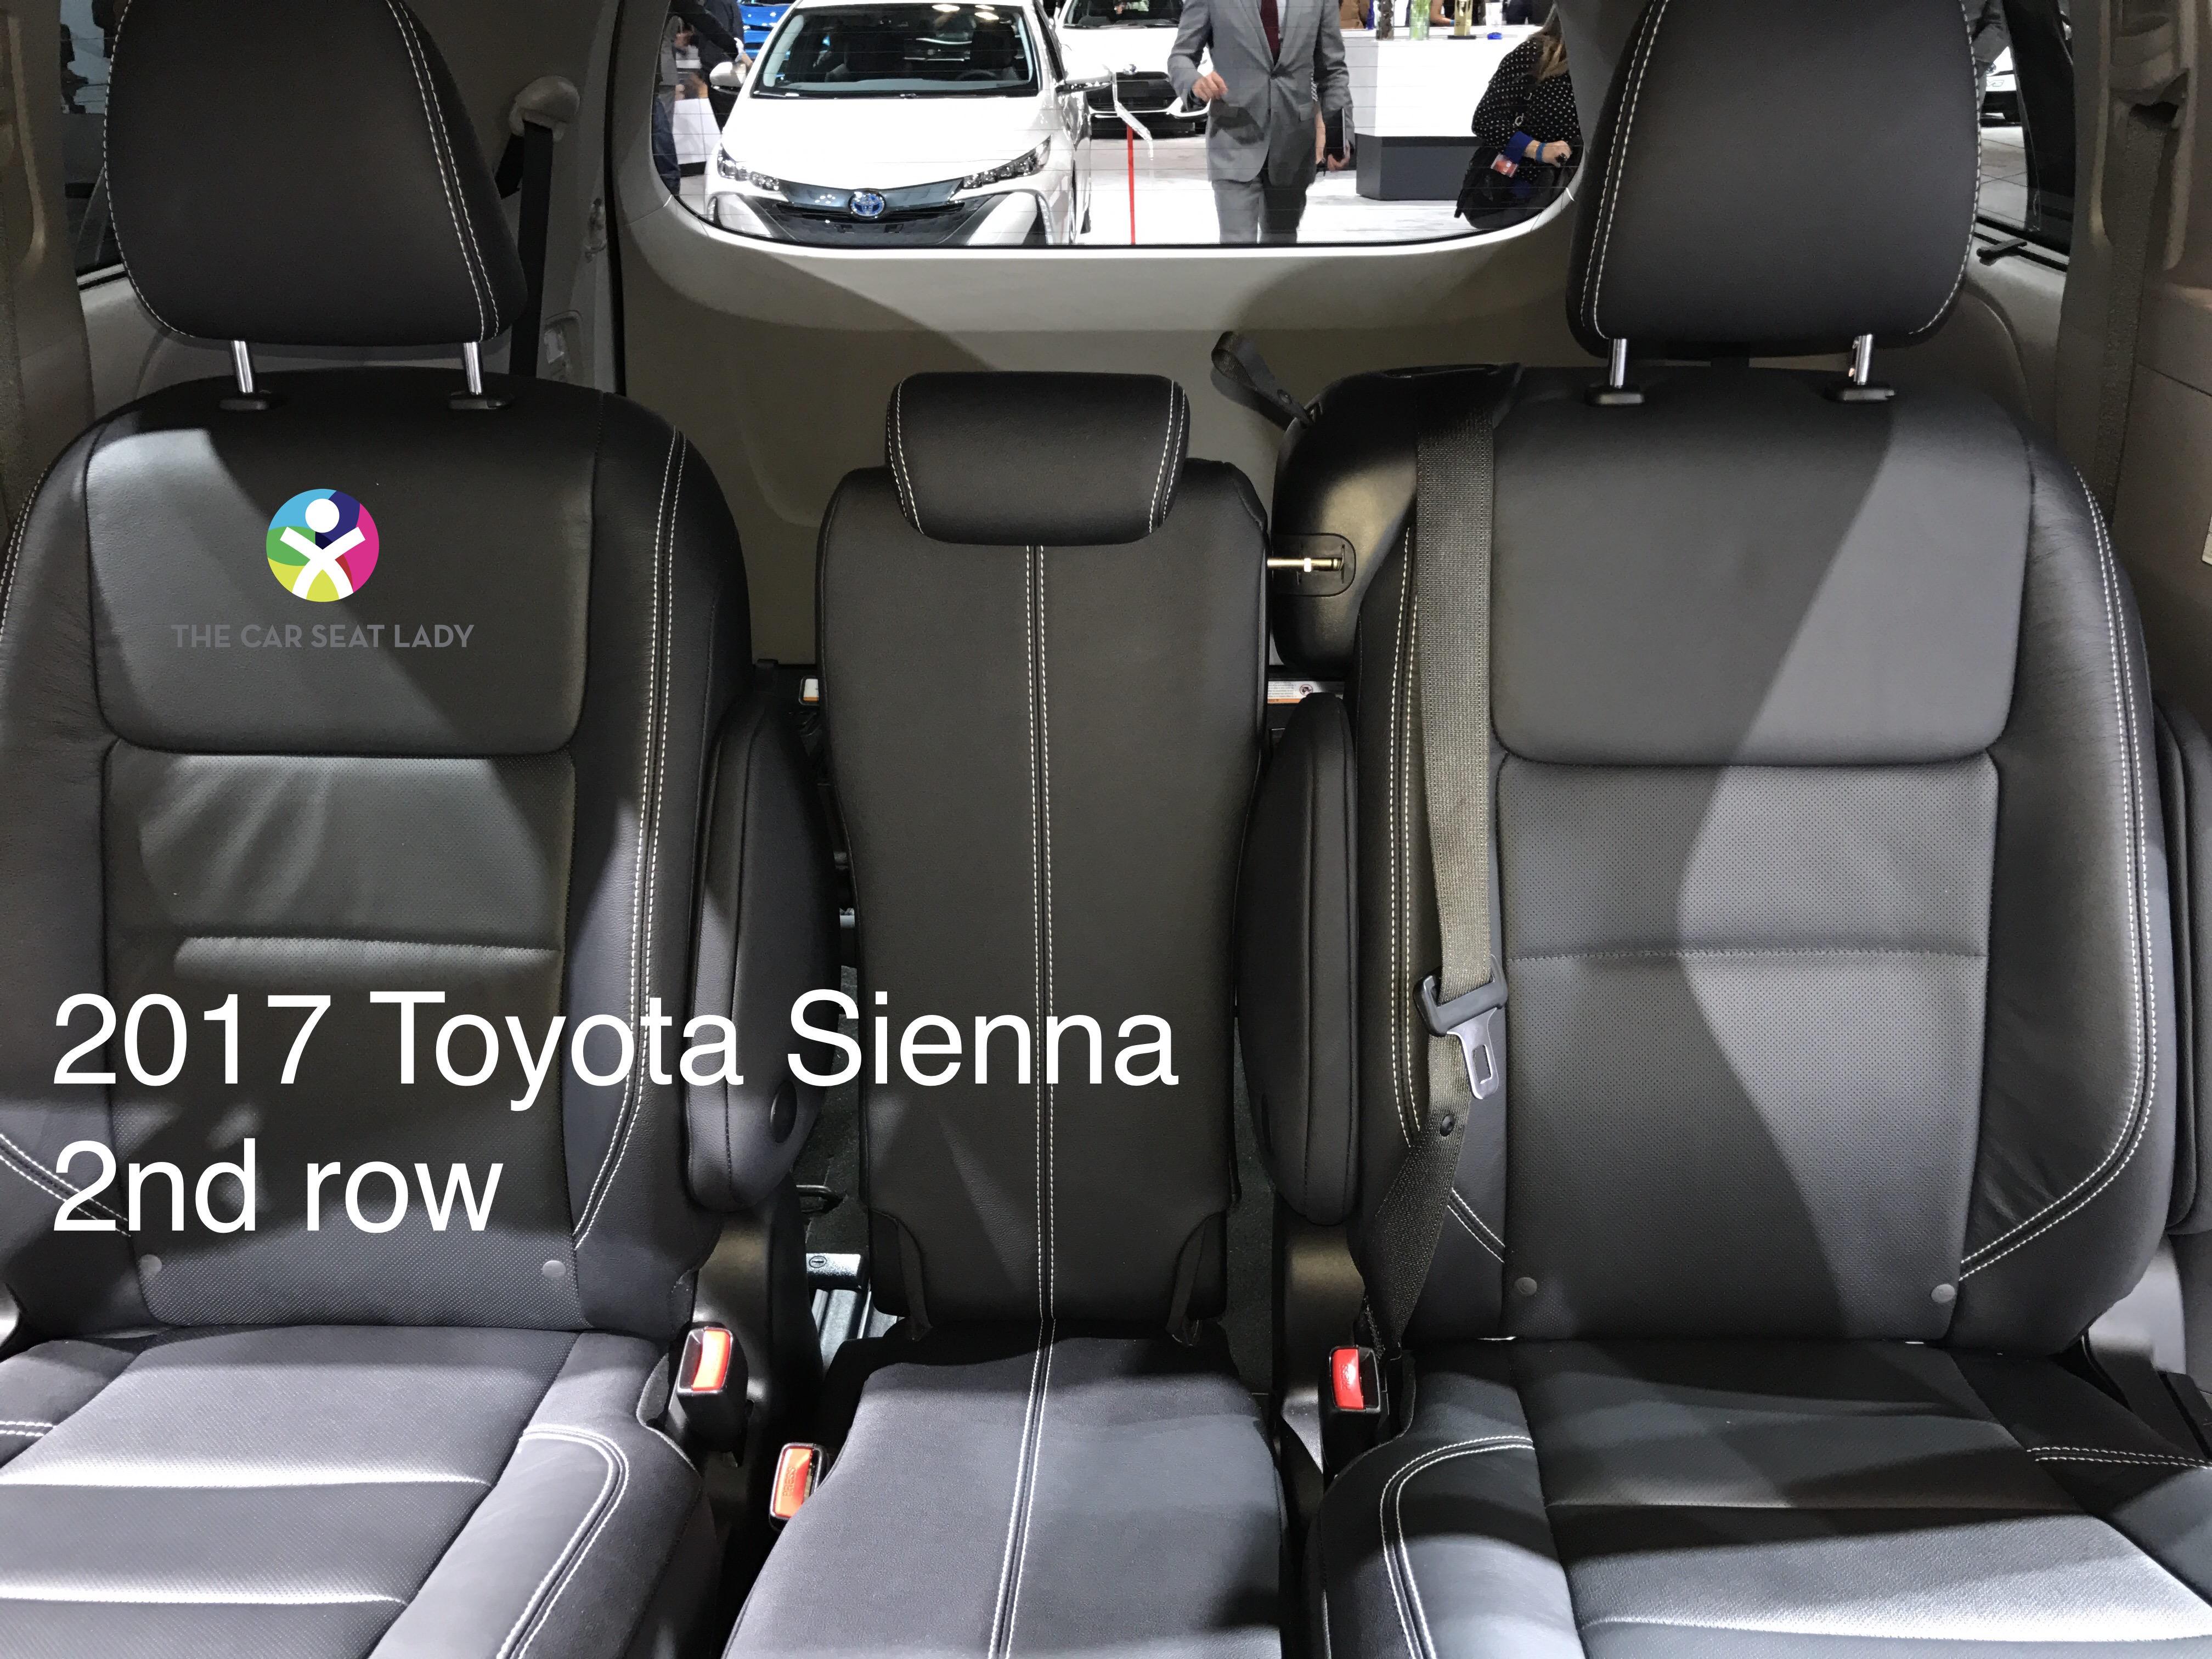 Sienna Car Seat Anchors